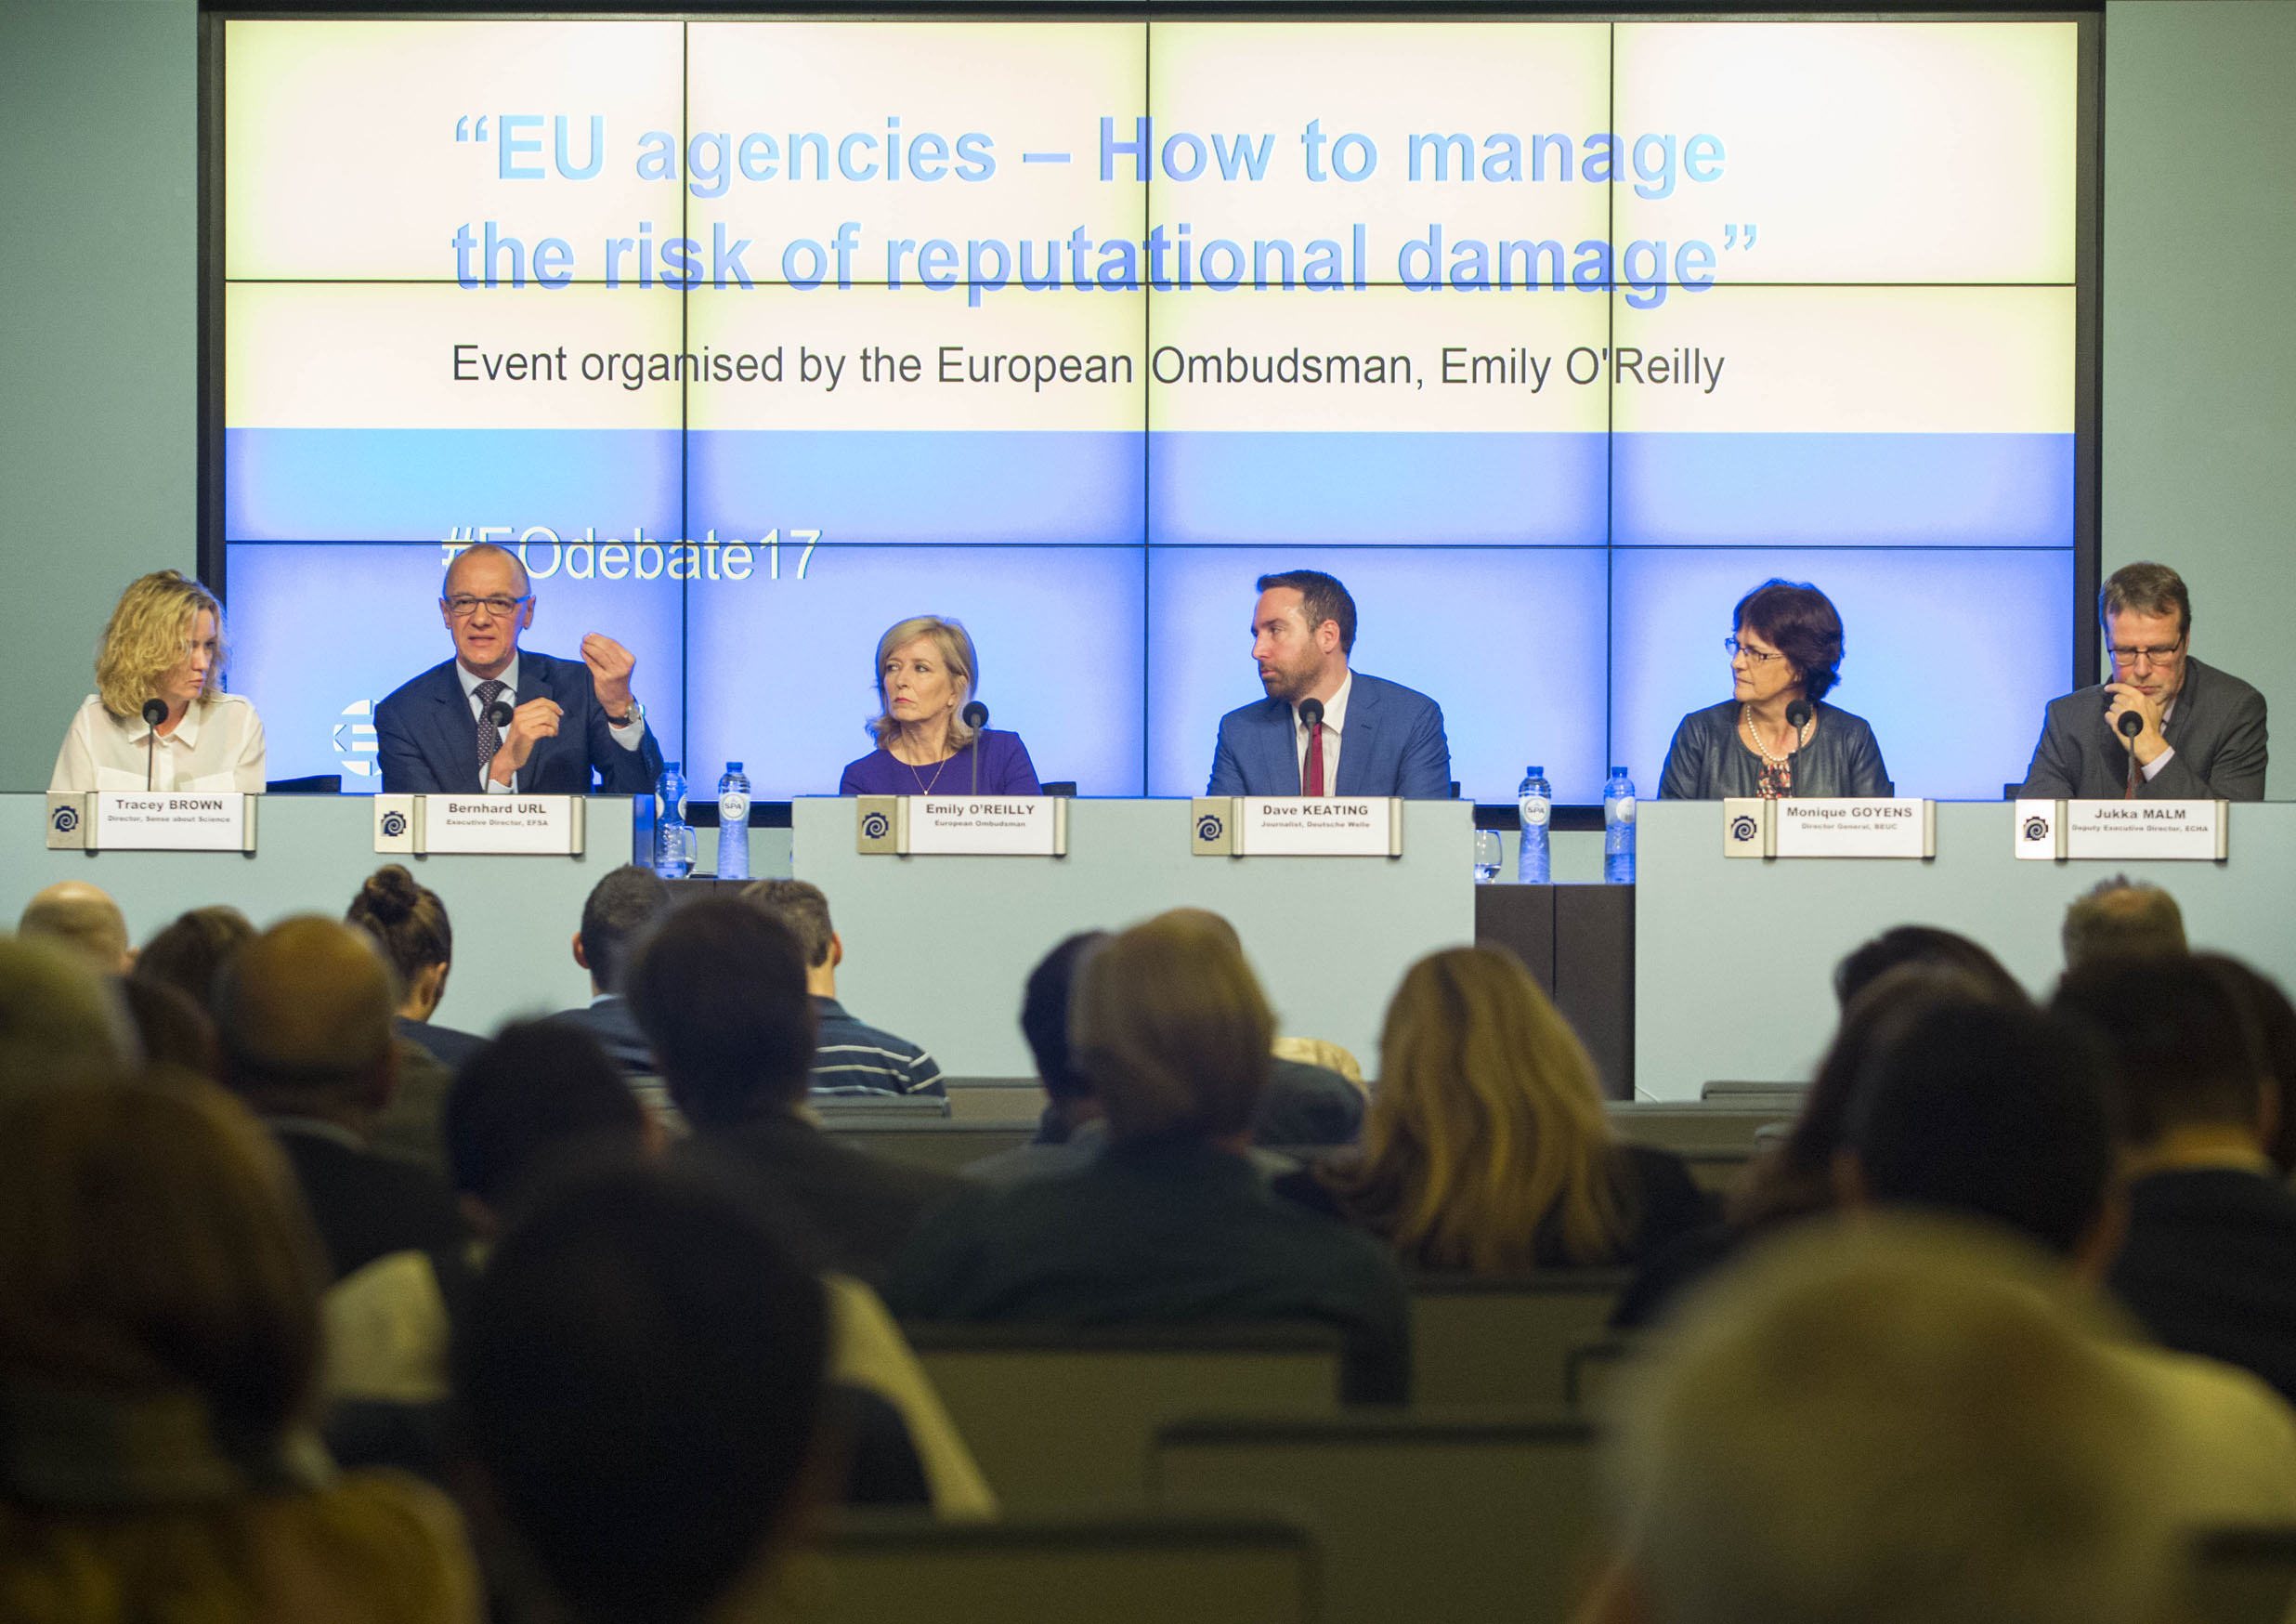 """Javni događaj Europskog ombudsmana pod nazivom """"Agencije EU-a: Kako upravljati rizikom od narušavanja ugleda"""" u listopadu sa sudionicima rasprave (slijeva nadesno): Tracey Brown, direktorica udruge Sense about Science; Bernhard Url, izvršni direktor EFSA-e; Emily O'Reilly, europska ombudsmanica; moderator događaja Dave Keating; Monique Goyens, glavna direktorica BEUC-a; i Jukka Malm, zamjenik izvršnog direktora ECHA-e."""